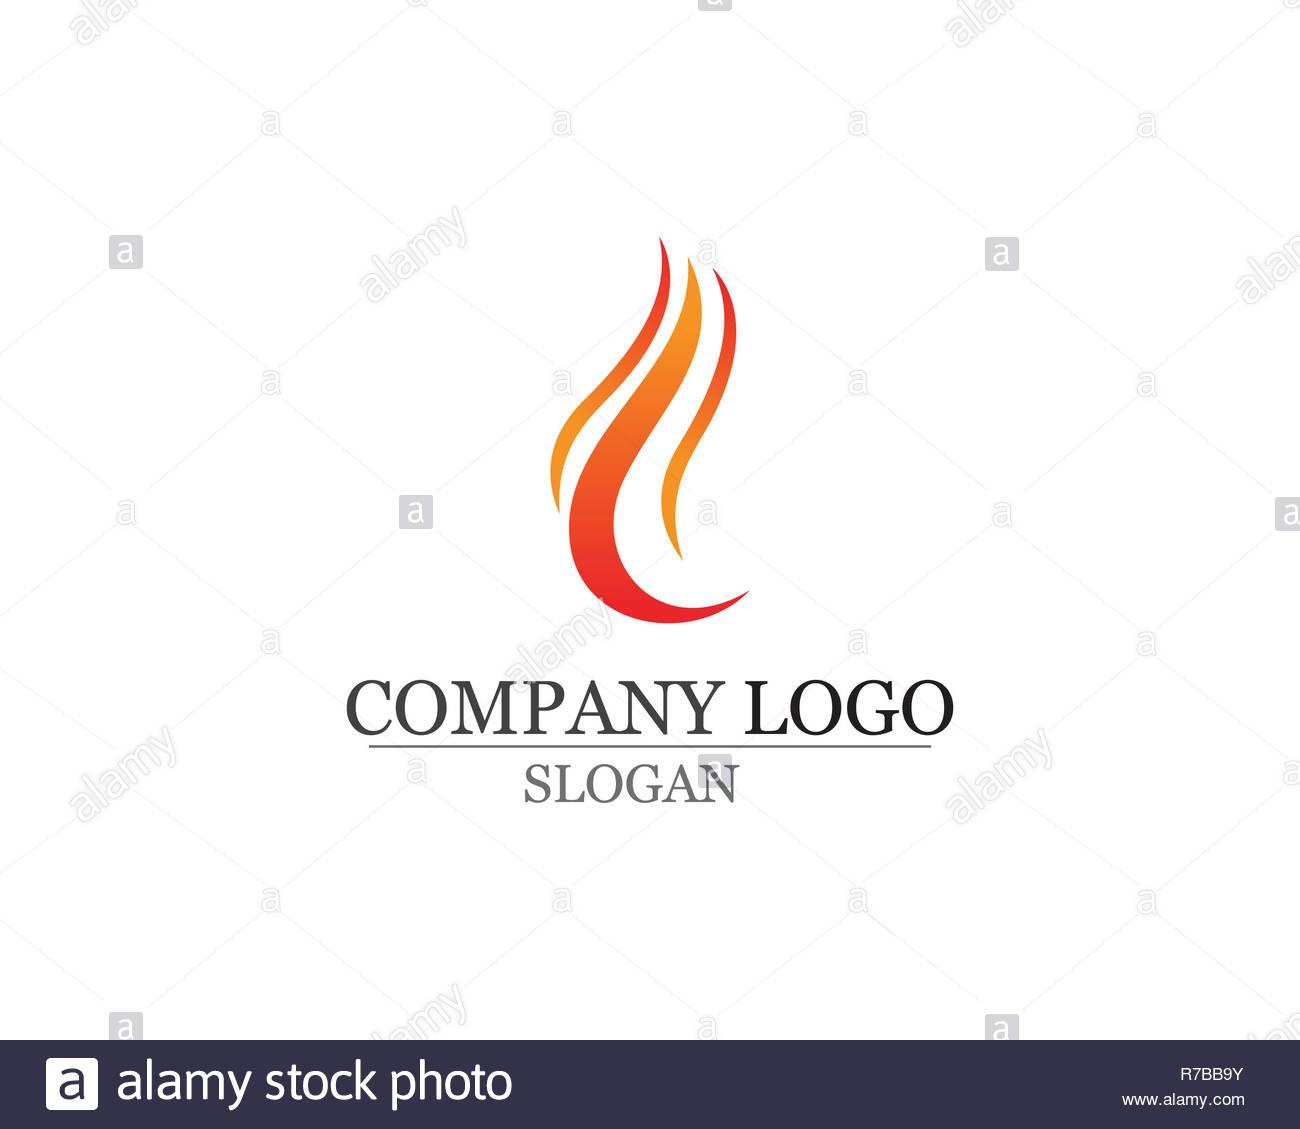 Danger Electricity Logo Stock Photos & Danger Electricity